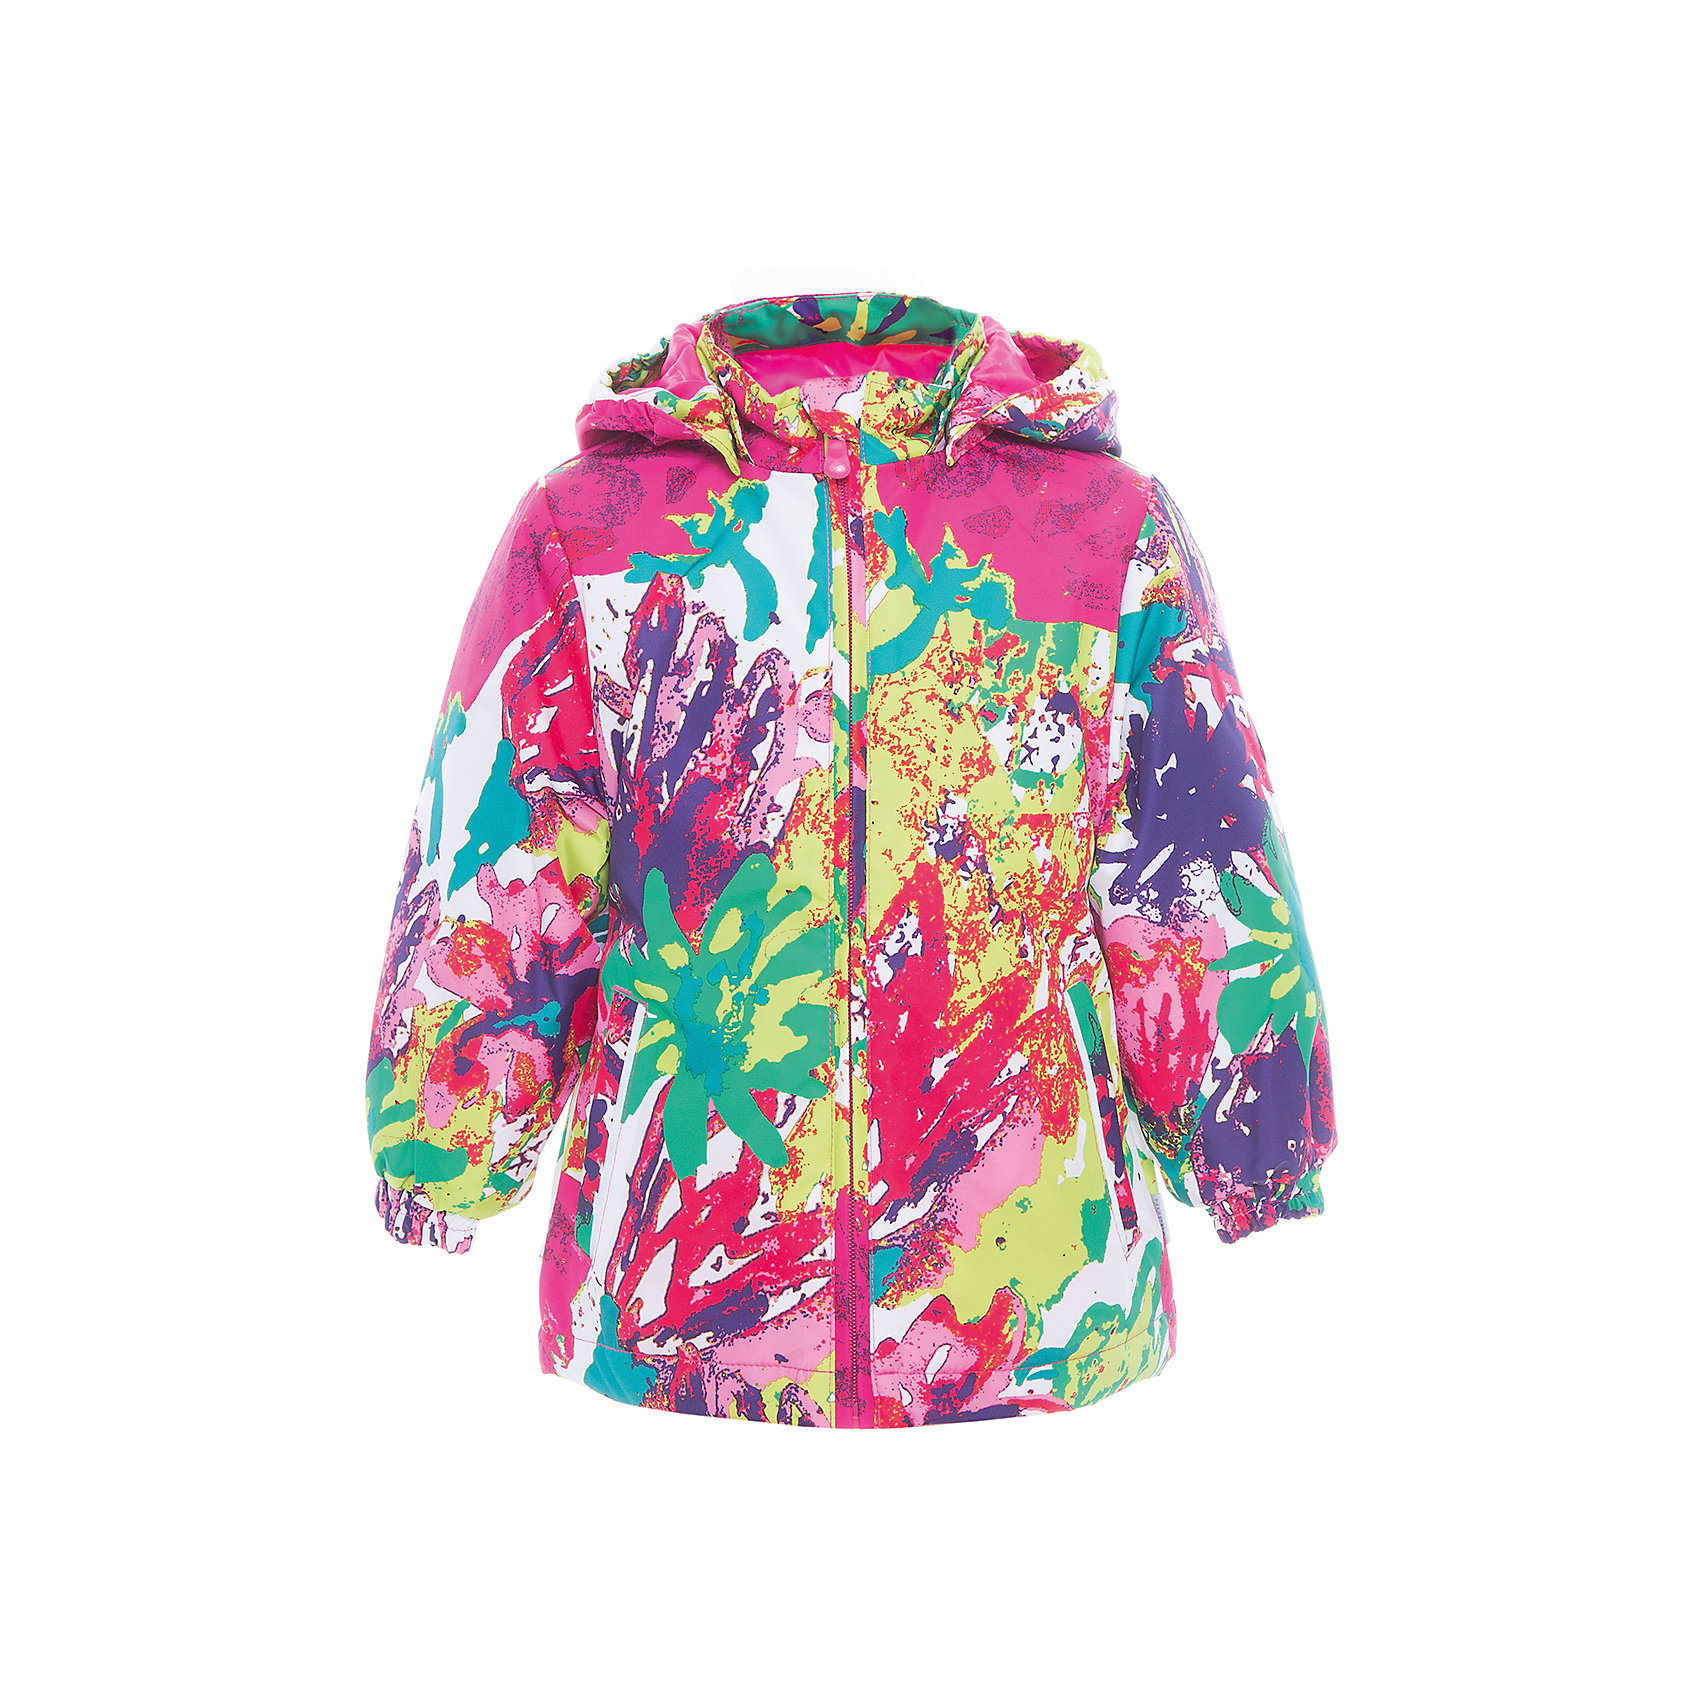 Куртка для девочки JOLY HuppaВерхняя одежда<br>Характеристики товара:<br><br>• цвет: мультиколор<br>• ткань: 100% полиэстер<br>• подкладка: тафта - 100% полиэстер<br>• утеплитель: 100% полиэстер 100 г<br>• температурный режим: от -5°С до +10°С<br>• водонепроницаемость: 10000 мм<br>• воздухопроницаемость: 10000 мм<br>• светоотражающие детали<br>• эластичные манжеты<br>• молния<br>• съёмный капюшон с резинкой<br>• карманы<br>• комфортная посадка<br>• коллекция: весна-лето 2017<br>• страна бренда: Эстония<br><br>Такая легкая и стильная куртка обеспечит детям тепло и комфорт. Она сделана из материала, отталкивающего воду, и дополнено подкладкой с утеплителем, поэтому изделие идеально подходит для межсезонья. Материал изделия - с мембранной технологией: защищая от влаги и ветра, он легко выводит лишнюю влагу наружу. Для удобства сделан капюшон. Куртка очень симпатично смотрится, яркая расцветка и крой добавляют ему оригинальности. Модель была разработана специально для детей.<br><br>Одежда и обувь от популярного эстонского бренда Huppa - отличный вариант одеть ребенка можно и комфортно. Вещи, выпускаемые компанией, качественные, продуманные и очень удобные. Для производства изделий используются только безопасные для детей материалы. Продукция от Huppa порадует и детей, и их родителей!<br><br>Куртку для девочки JOLY от бренда Huppa (Хуппа) можно купить в нашем интернет-магазине.<br><br>Ширина мм: 356<br>Глубина мм: 10<br>Высота мм: 245<br>Вес г: 519<br>Цвет: белый<br>Возраст от месяцев: 96<br>Возраст до месяцев: 108<br>Пол: Женский<br>Возраст: Детский<br>Размер: 134,104,110,116,122,128,92,98<br>SKU: 5346838